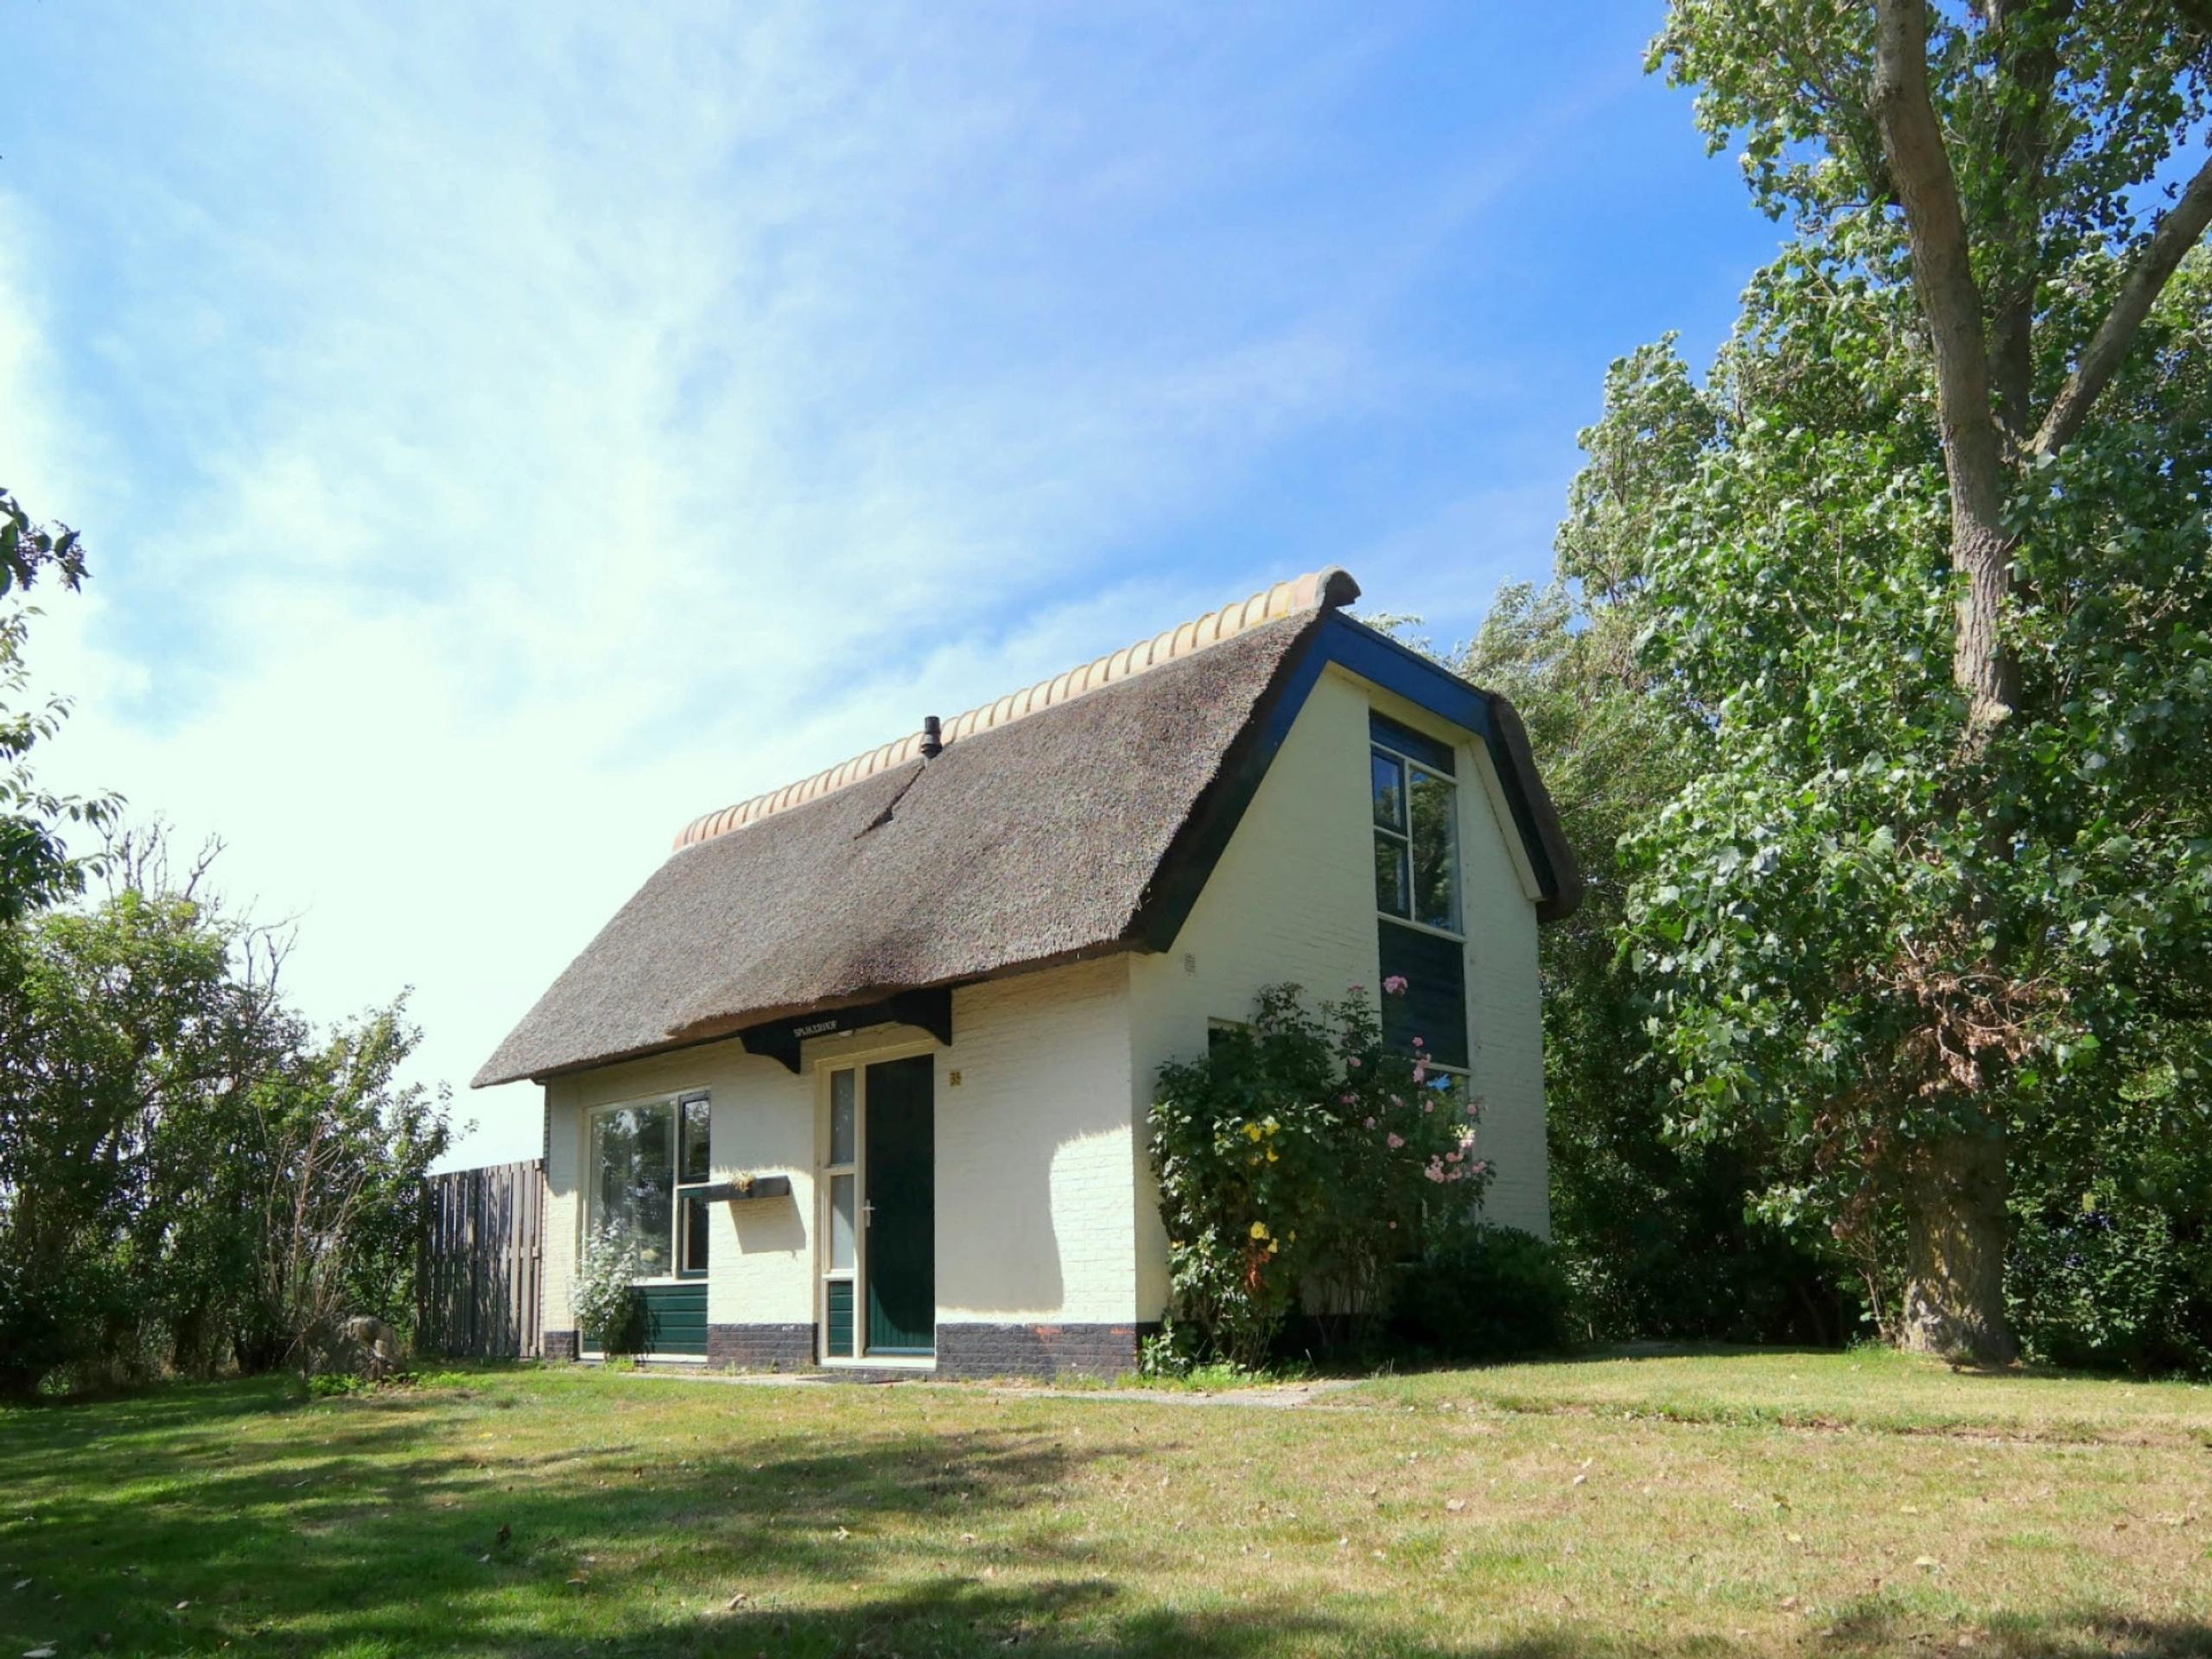 Freistehendes Ferienhaus in ländlicher Umgebung mit Panoramablick in der Nähe von Den Hoorn